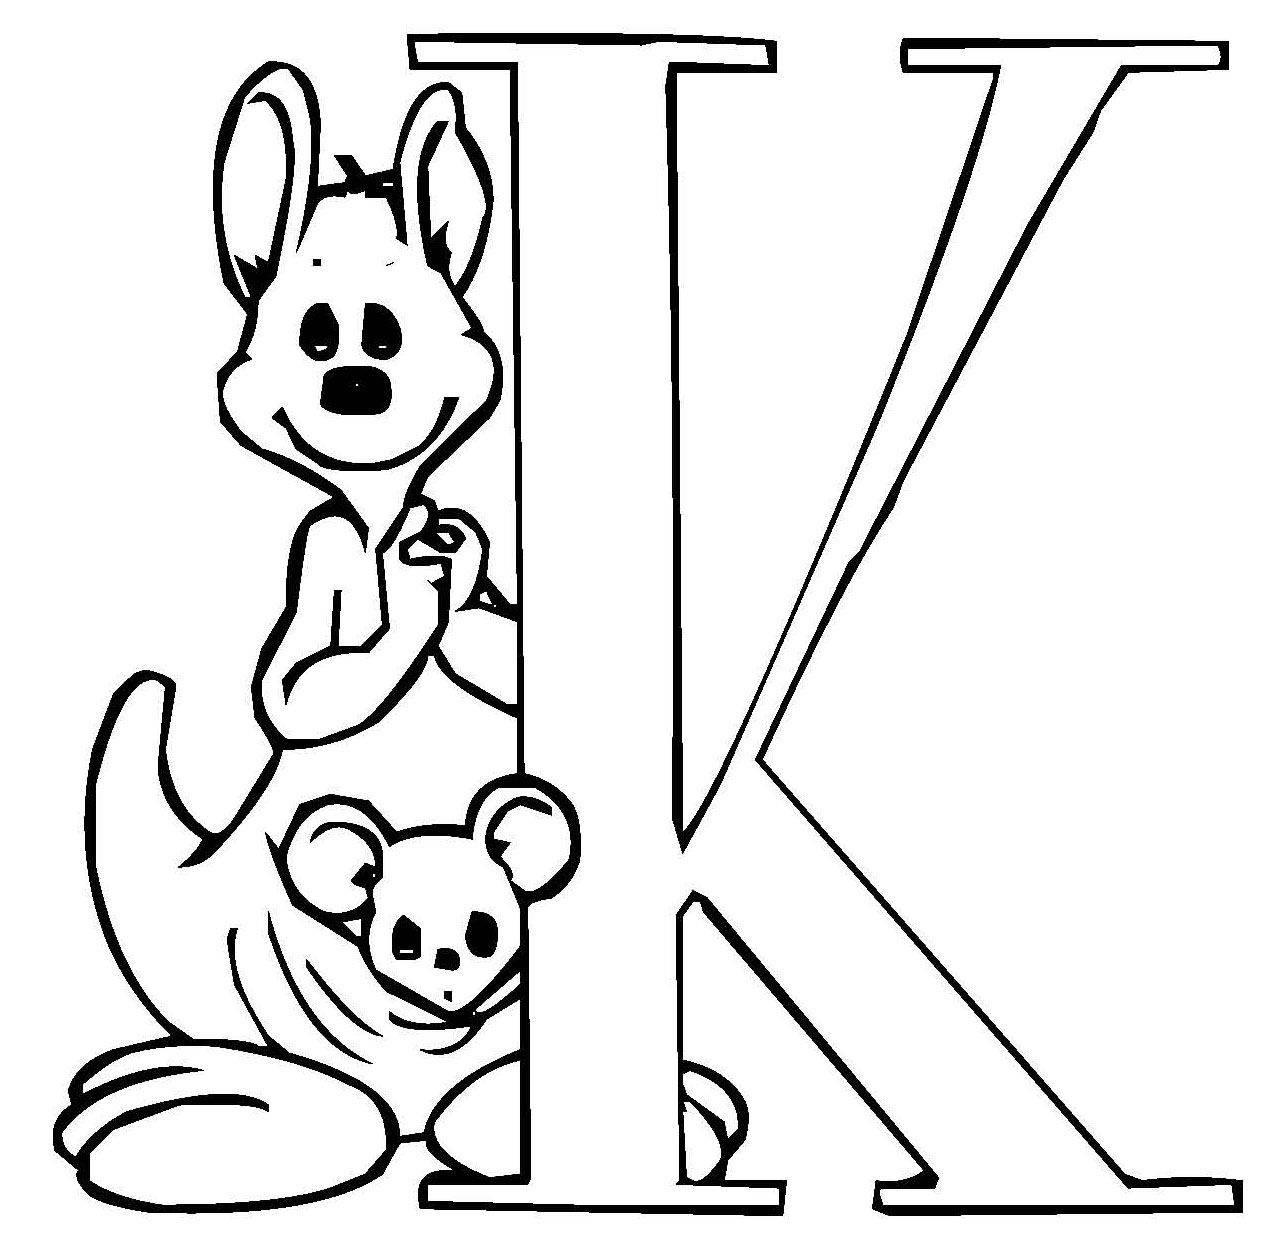 Buchstaben Malvorlagen  Kostenlose Malvorlage Buchstaben lernen Niedliche Schrift